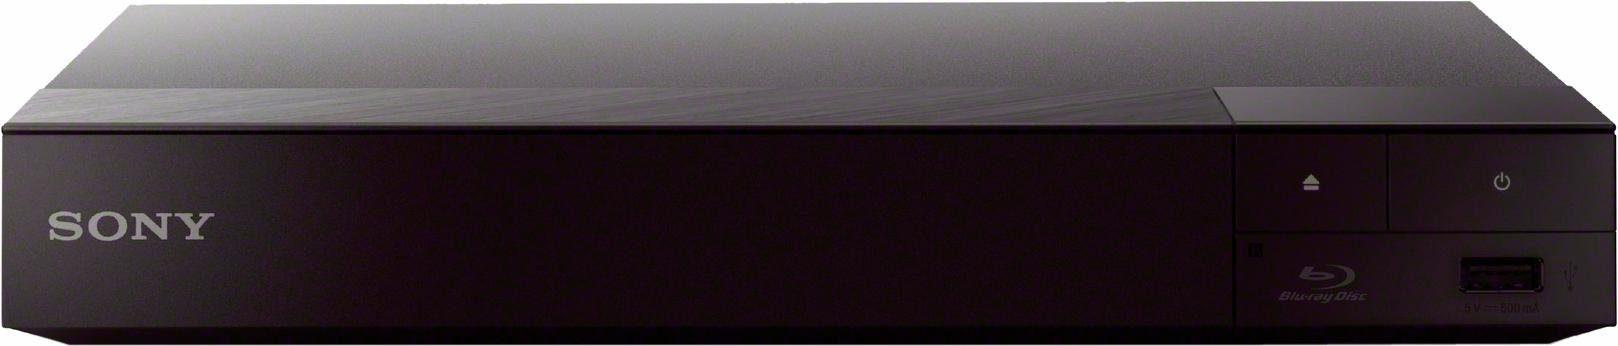 Sony BDP-S6700 3D Blu-ray-Player, 3D-fähig, 4K UHD-Upscaling (60p), WLAN